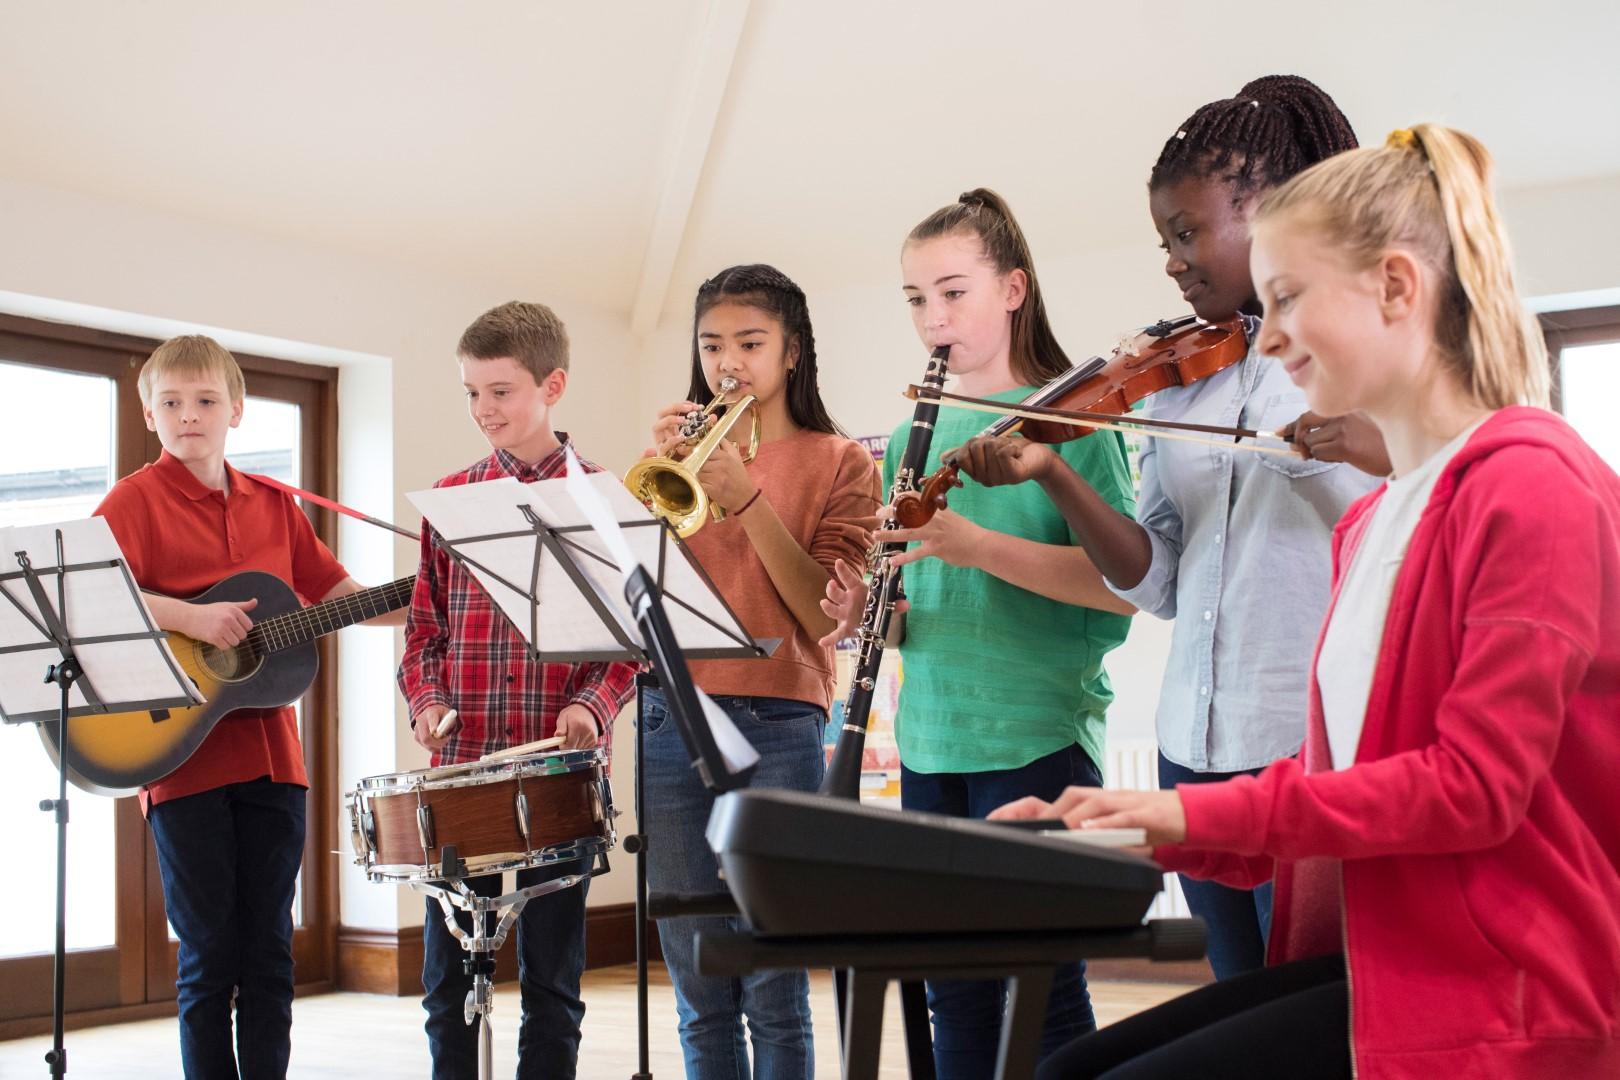 music-education-schools-Large.jpeg